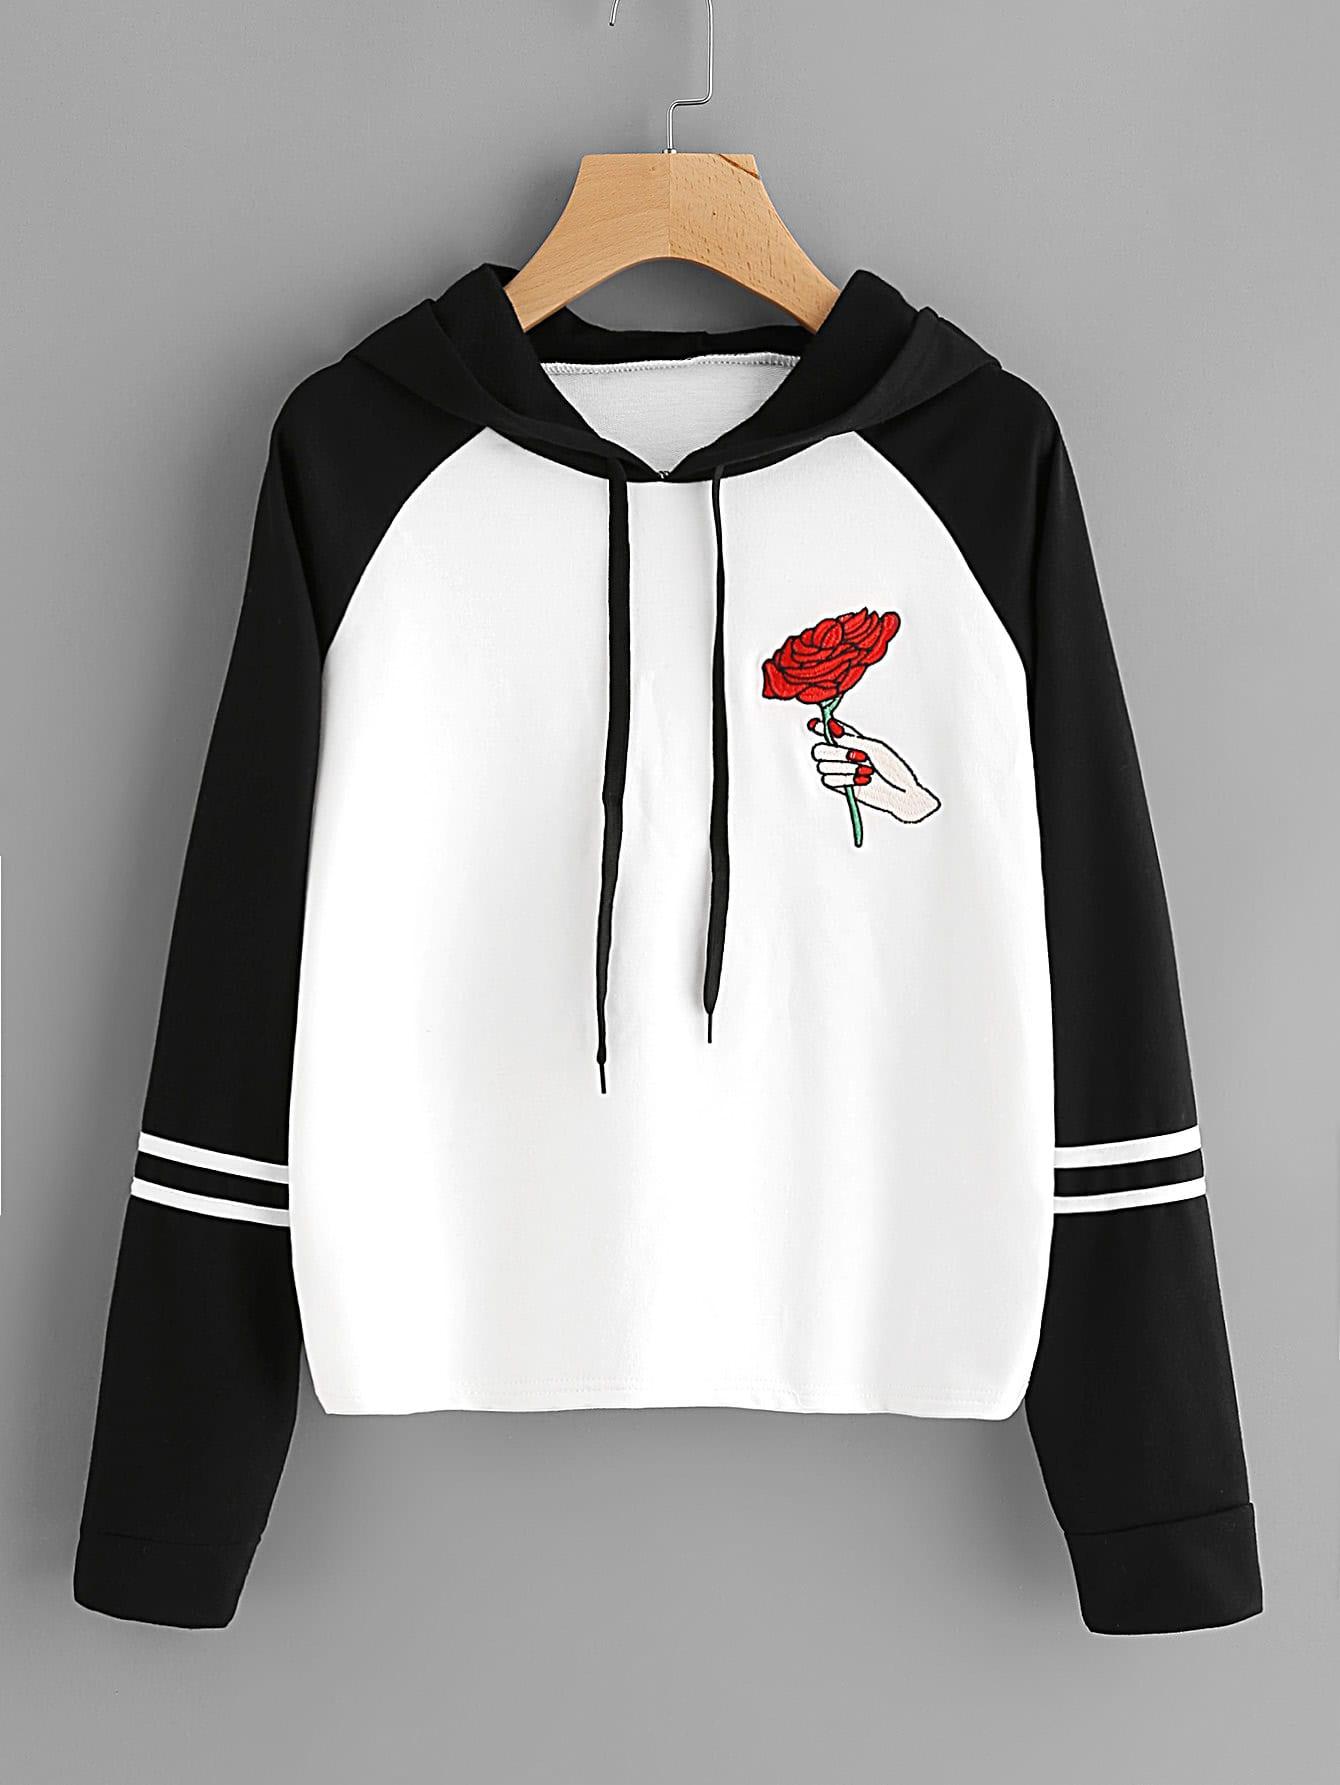 Rose Embroidered Contrast Striped Sleeve Hoodie rtm880n 793 rtm880n 790 rtm880n 796 rtm880n 7954